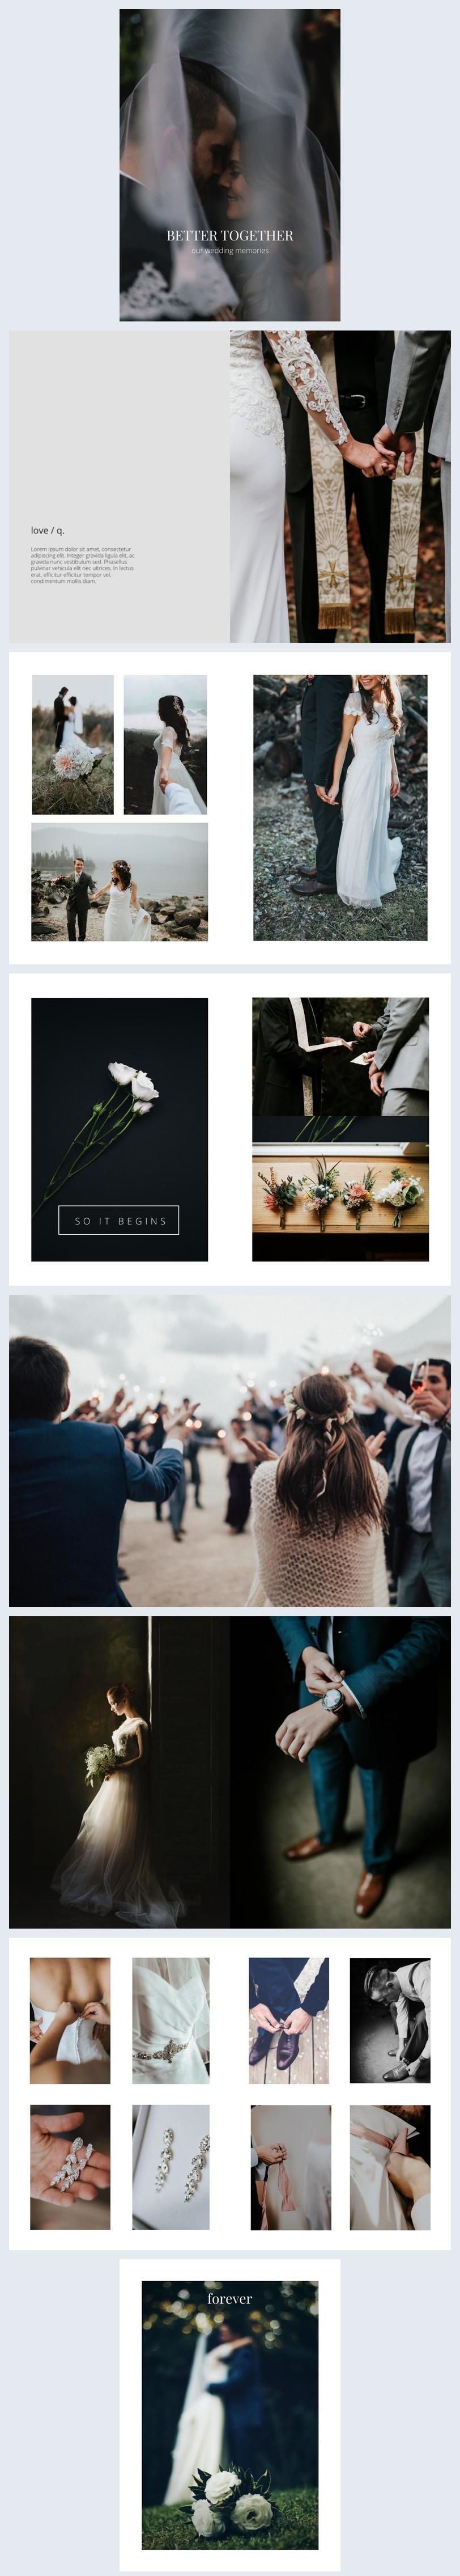 Álbum de Casamento Deslumbrante